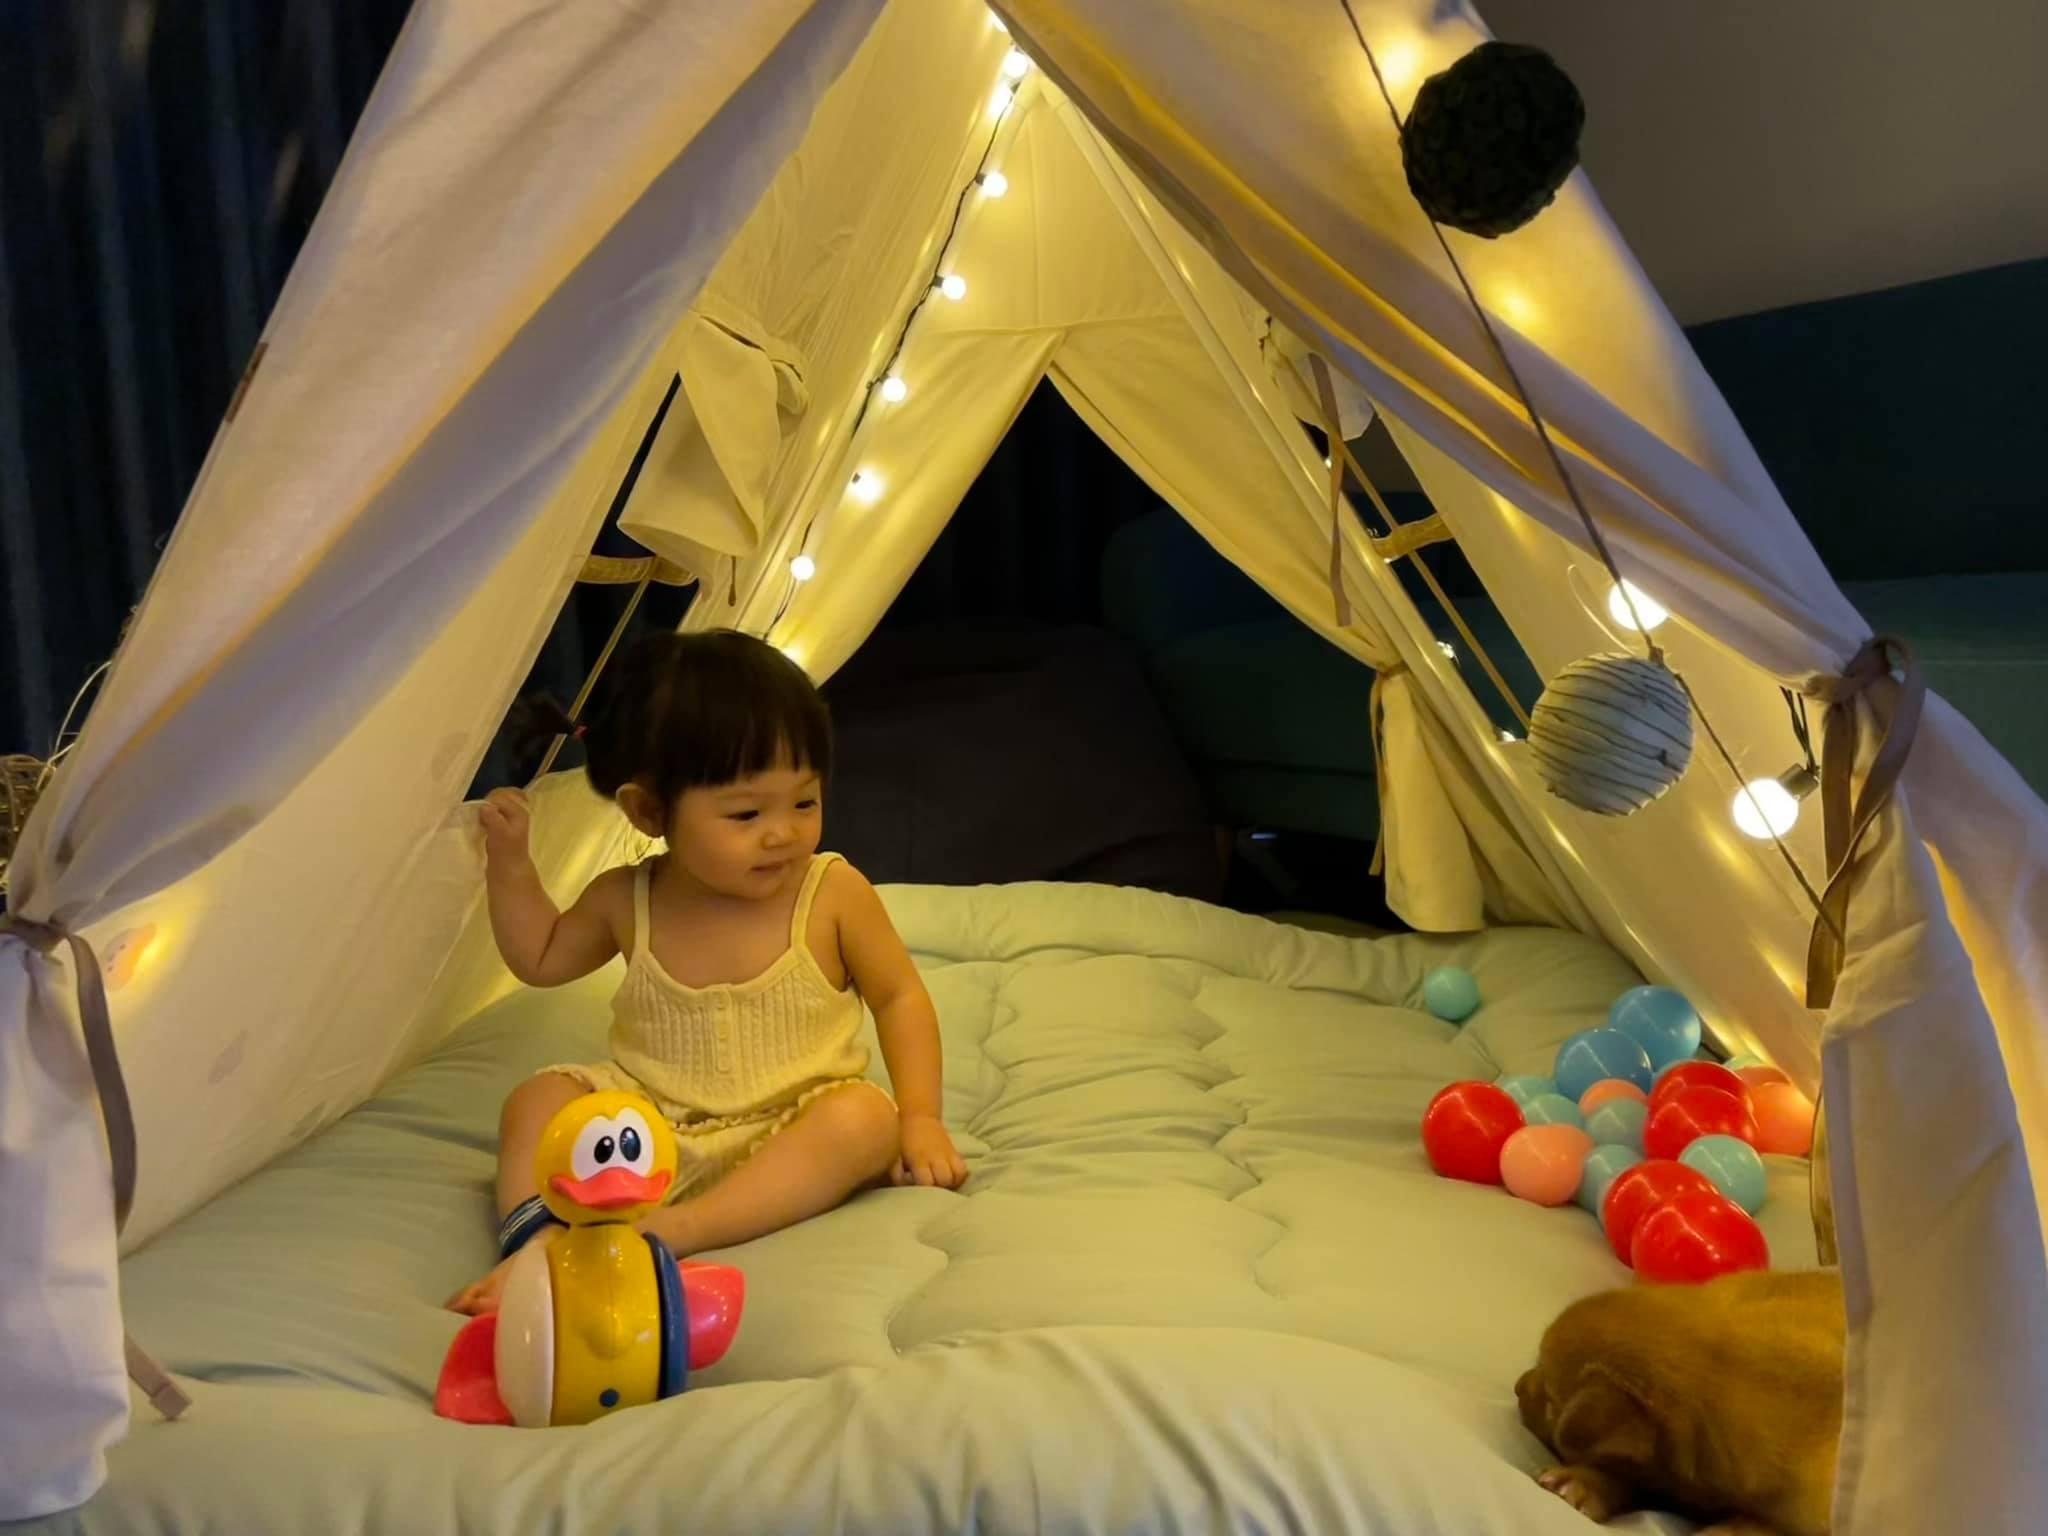 Choáng ngợp với khu cắm trại trong nhà do Cường Đôla làm cho con